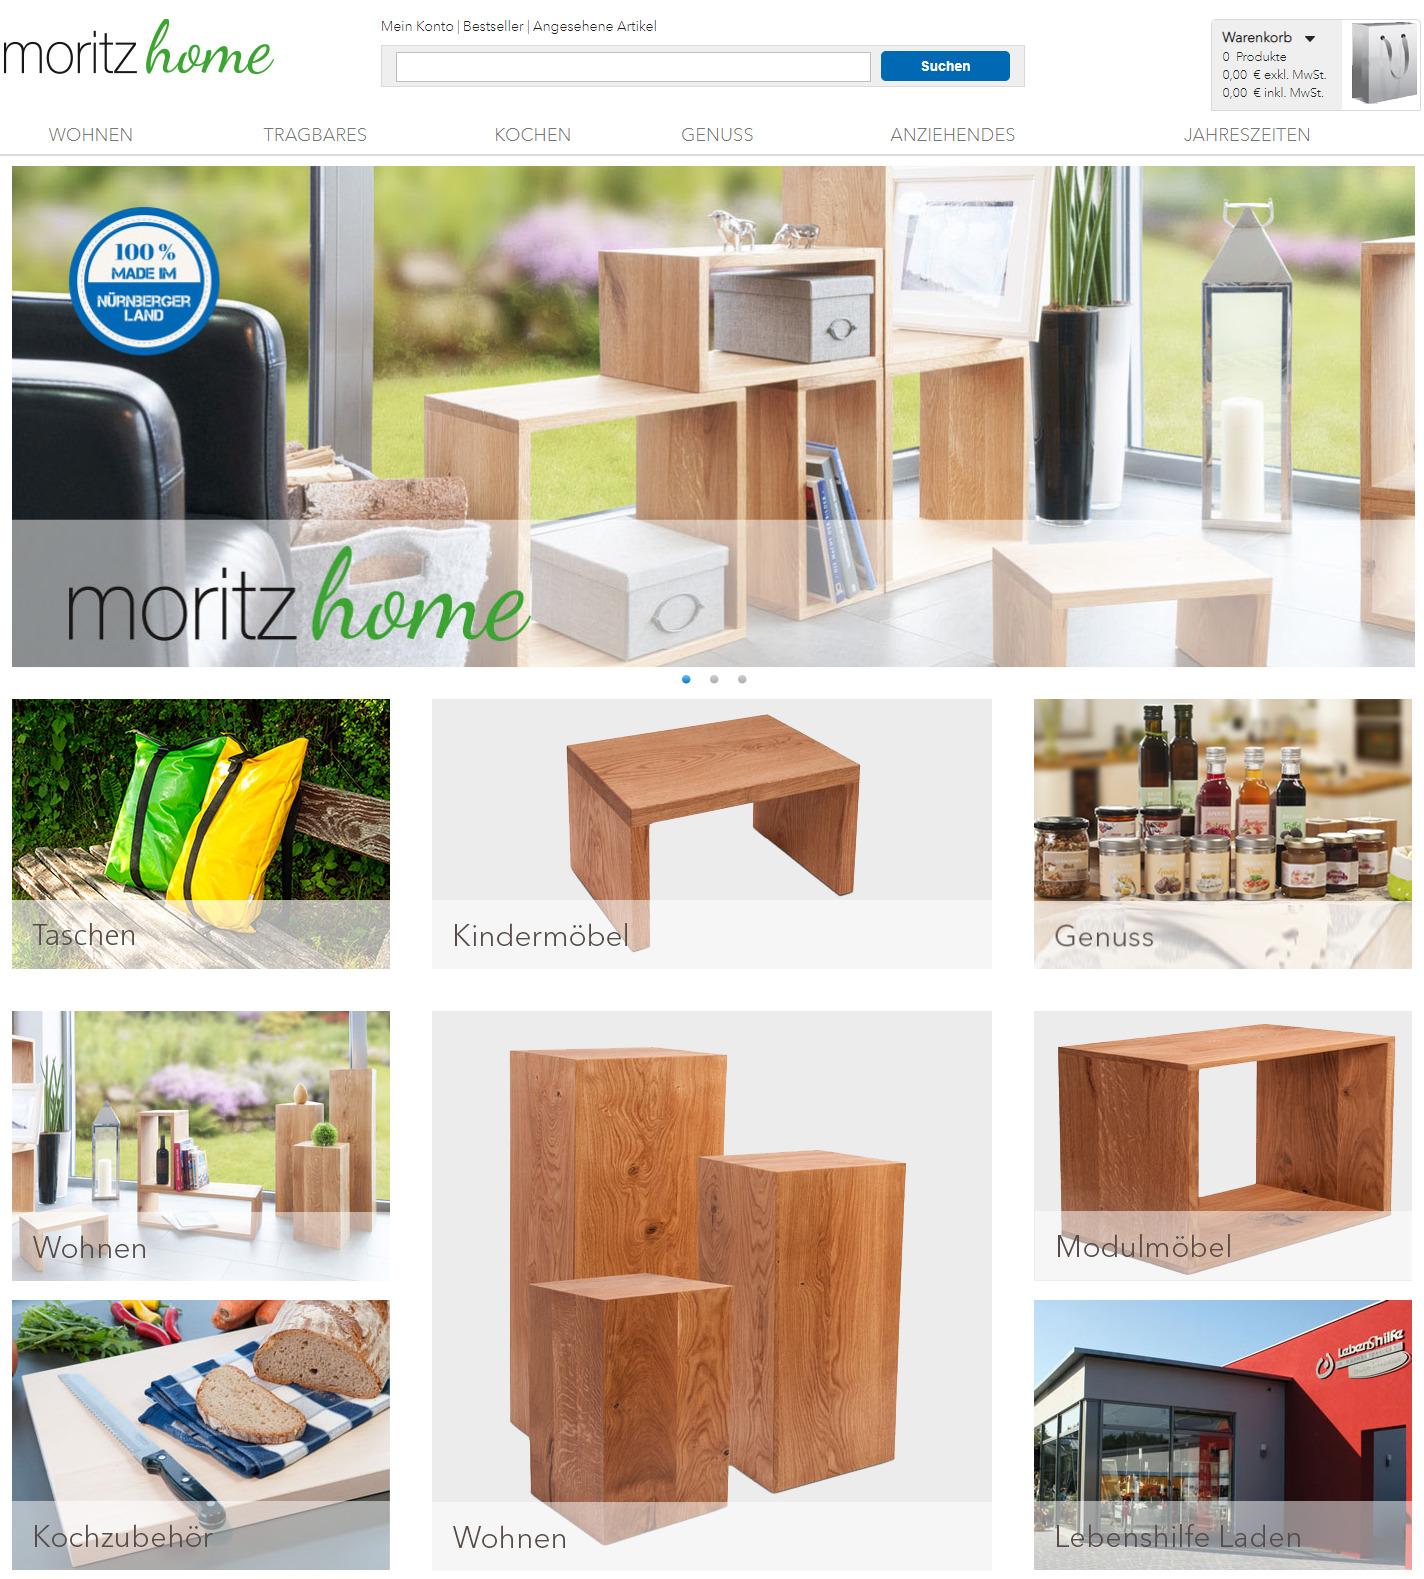 Moritz home referenz online shop